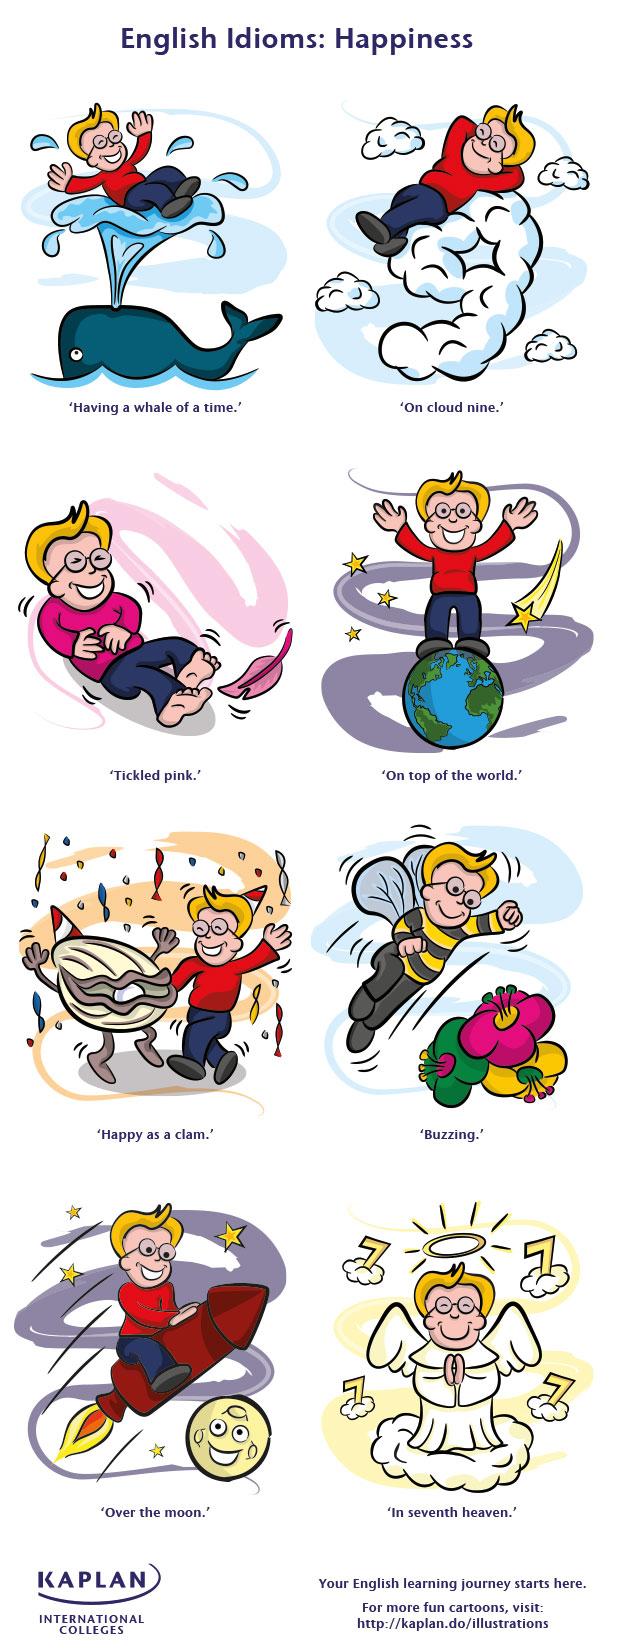 Иллюстрации английских идиом о счастье